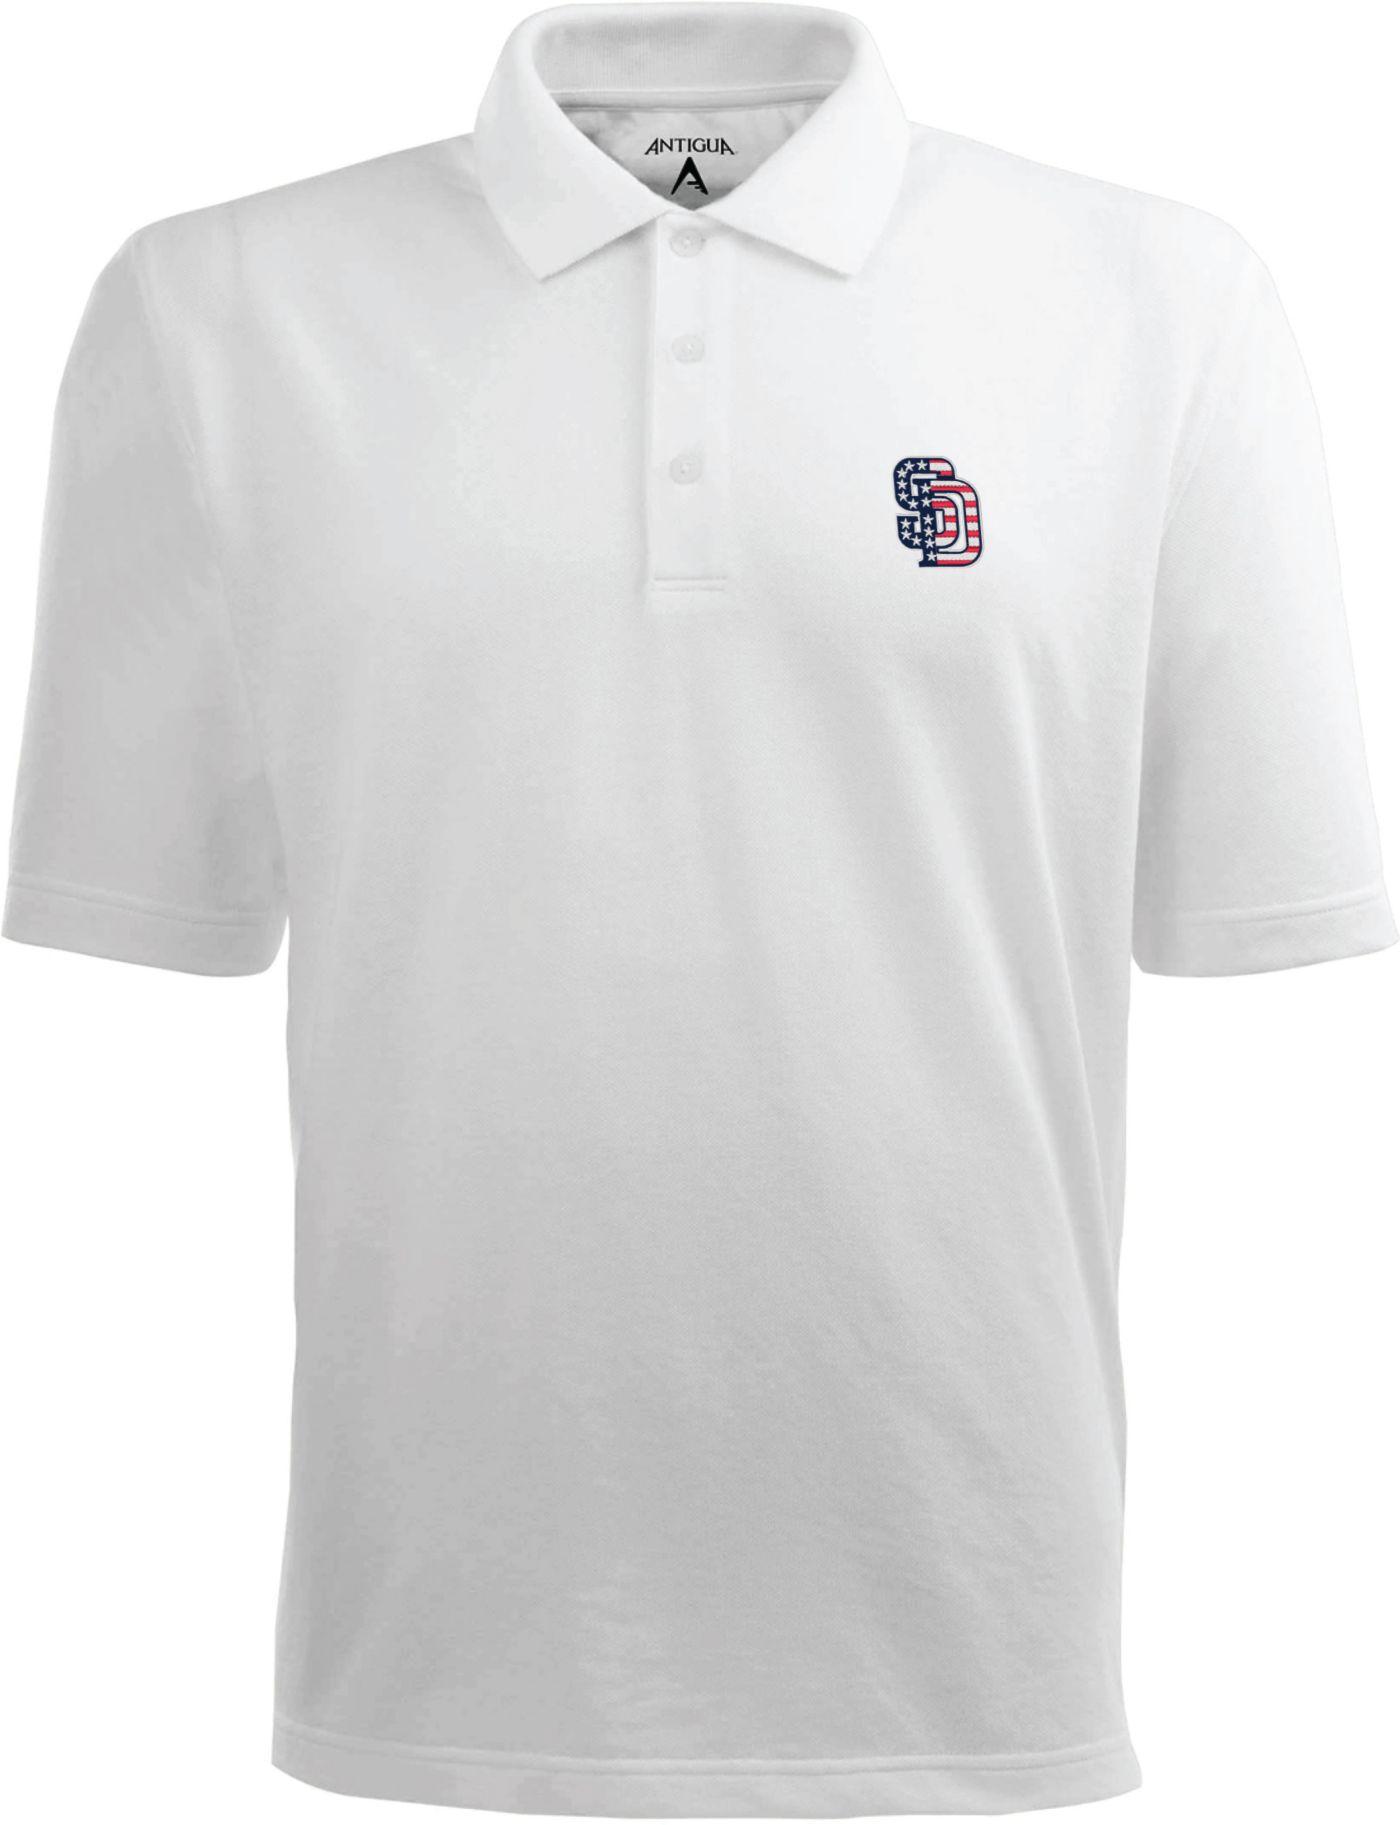 Antigua Men's San Diego Padres Xtra-Lite Patriotic Logo White Pique Performance Polo